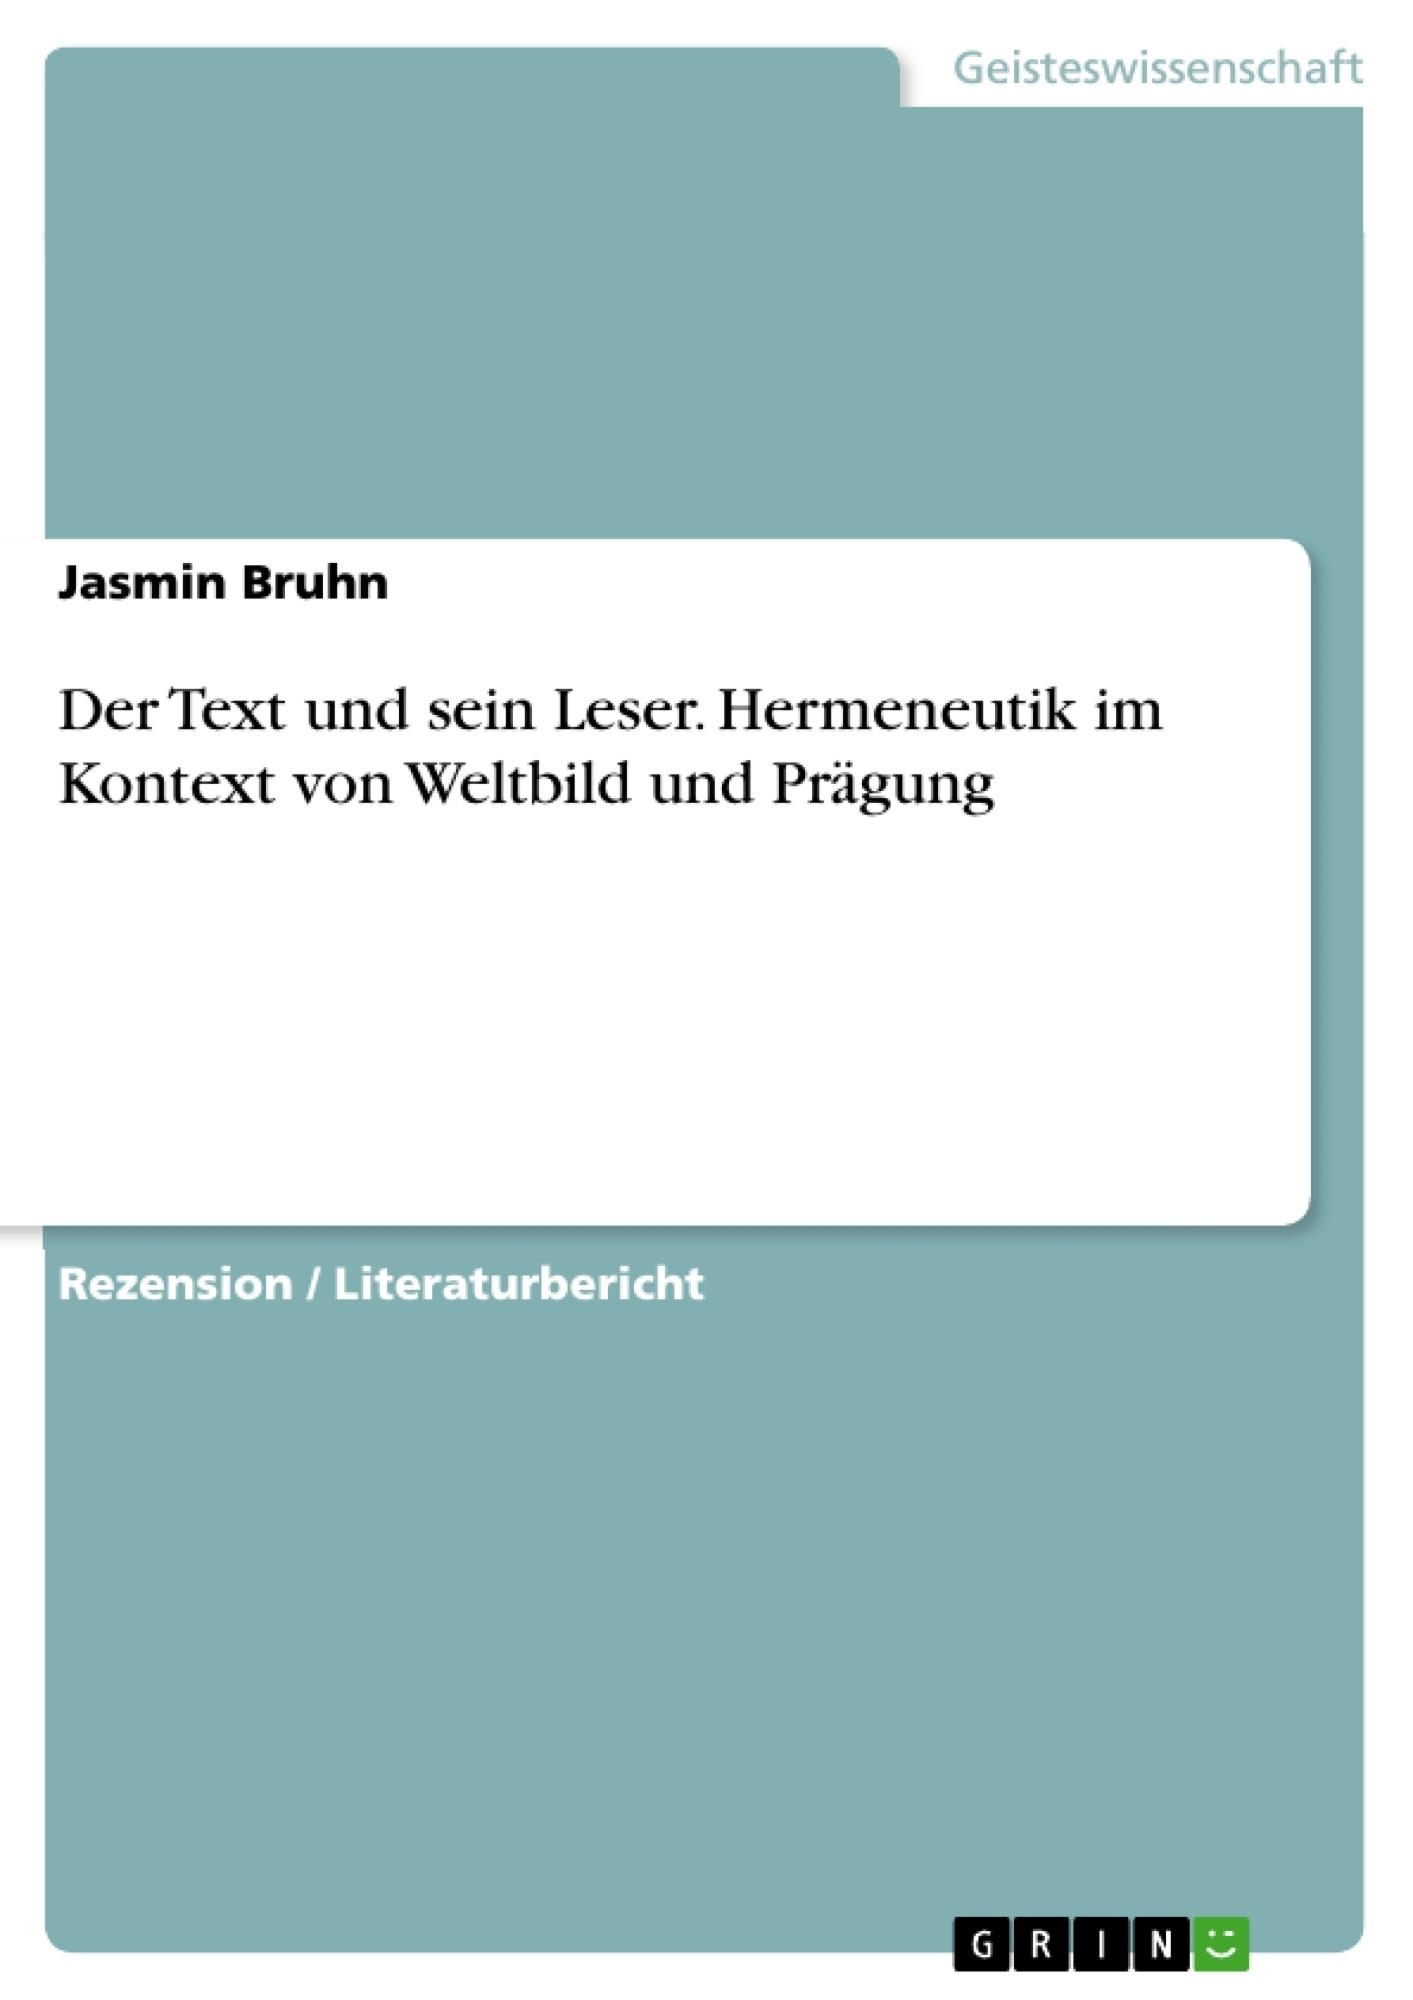 Titel: Der Text und sein Leser. Hermeneutik im Kontext von Weltbild und Prägung